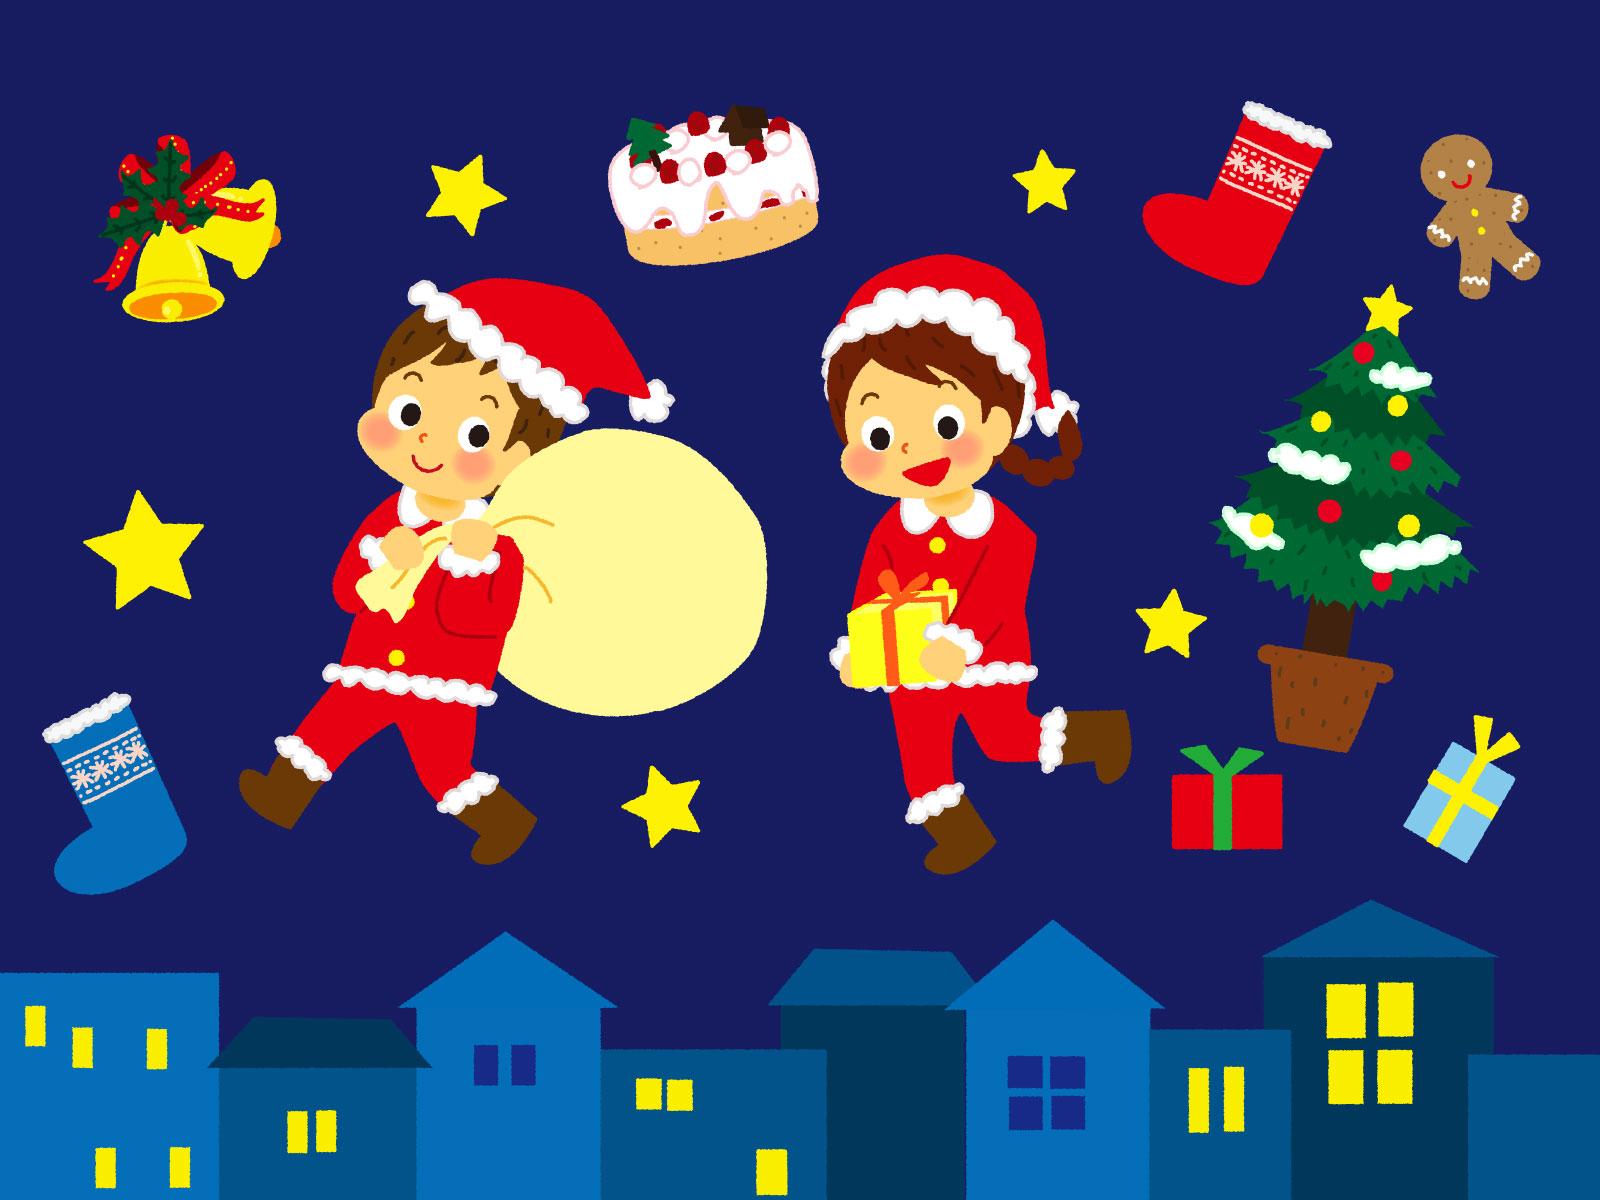 2歳のクリスマスプレゼント悩むけど何がいい?選び方のポイント